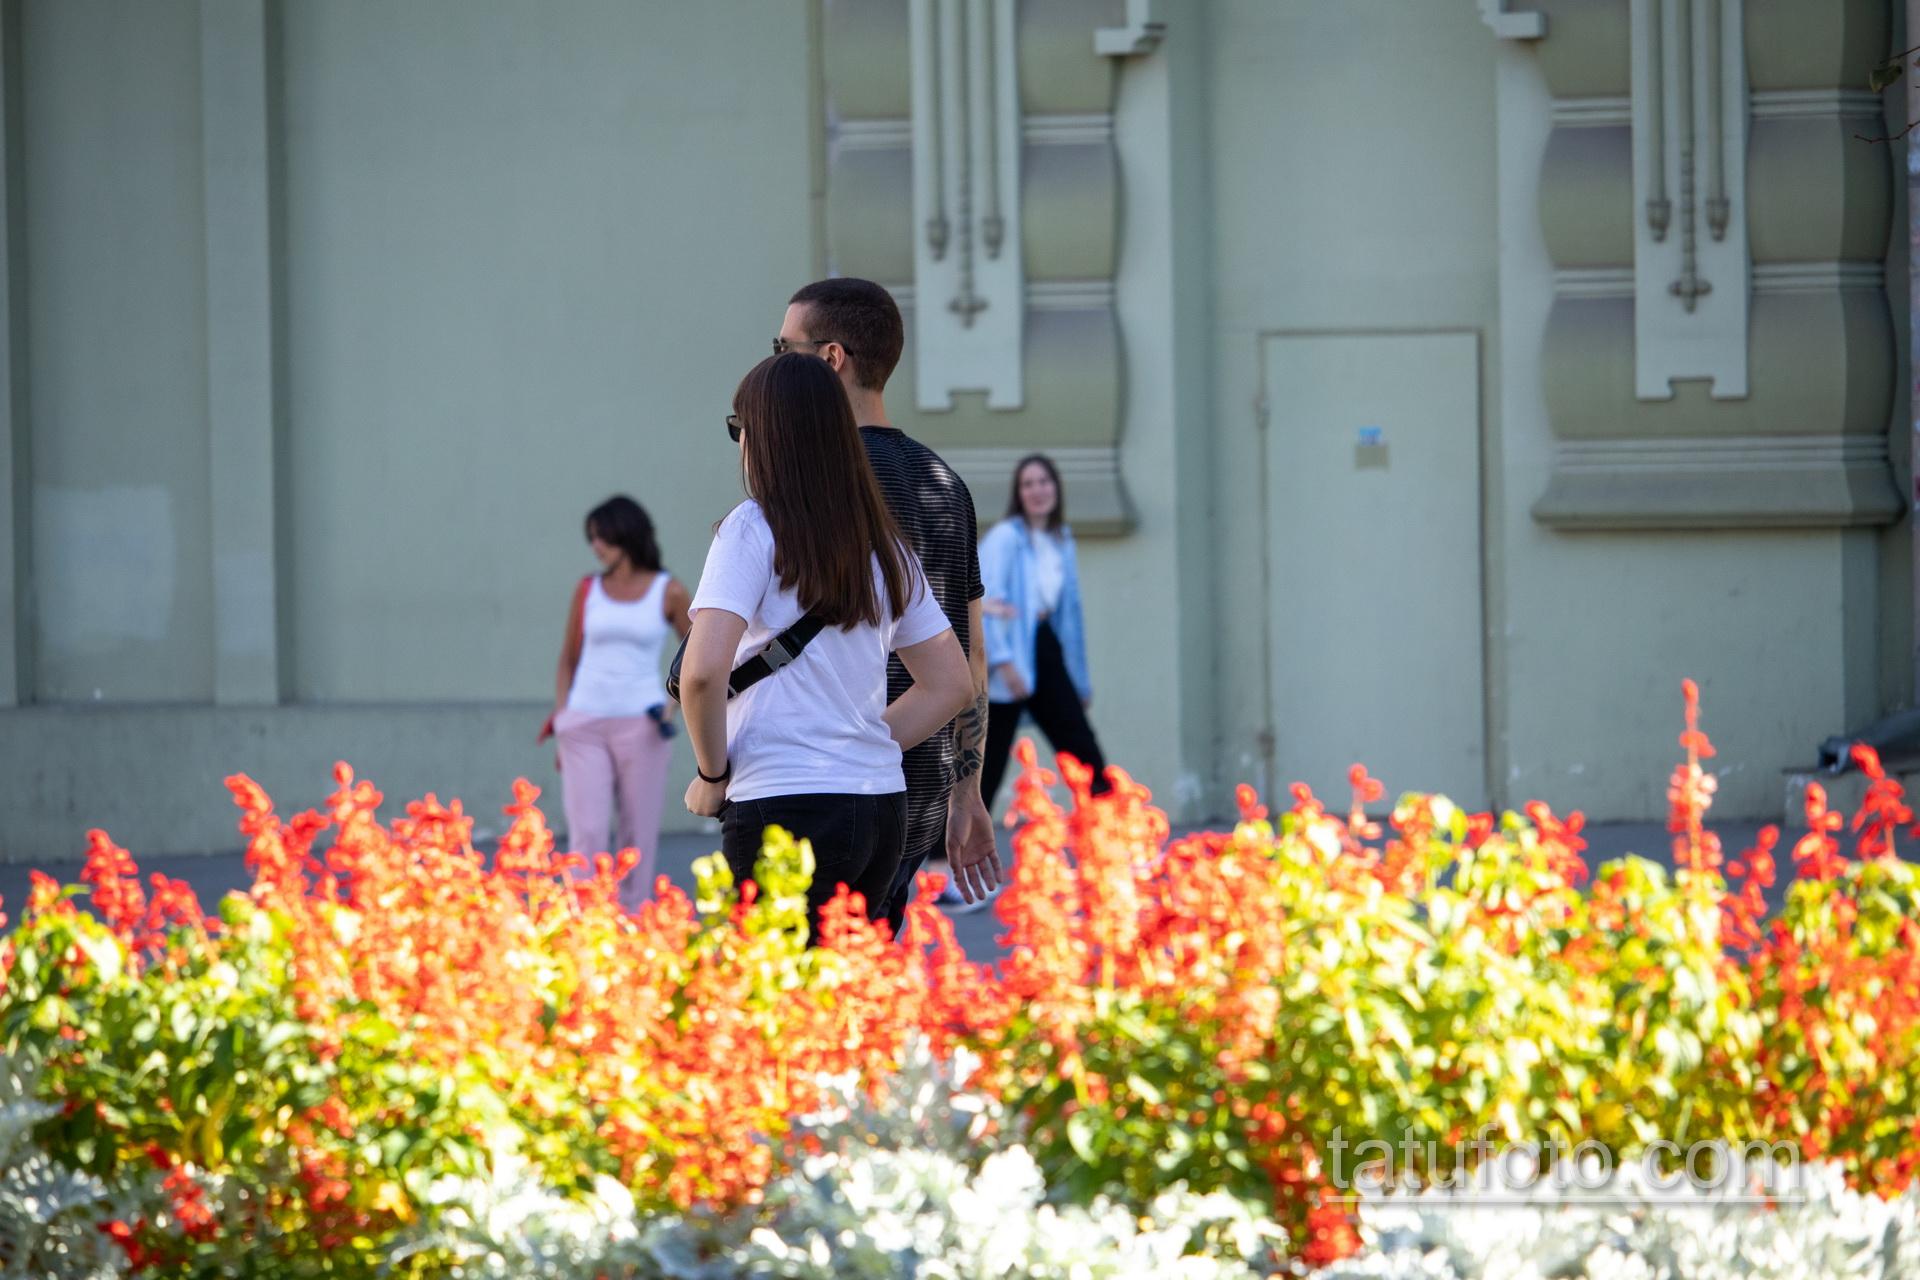 Черные тату скат и черепаха маори на руке парня - Уличная татуировка 14.09.2020 – tatufoto.com 13